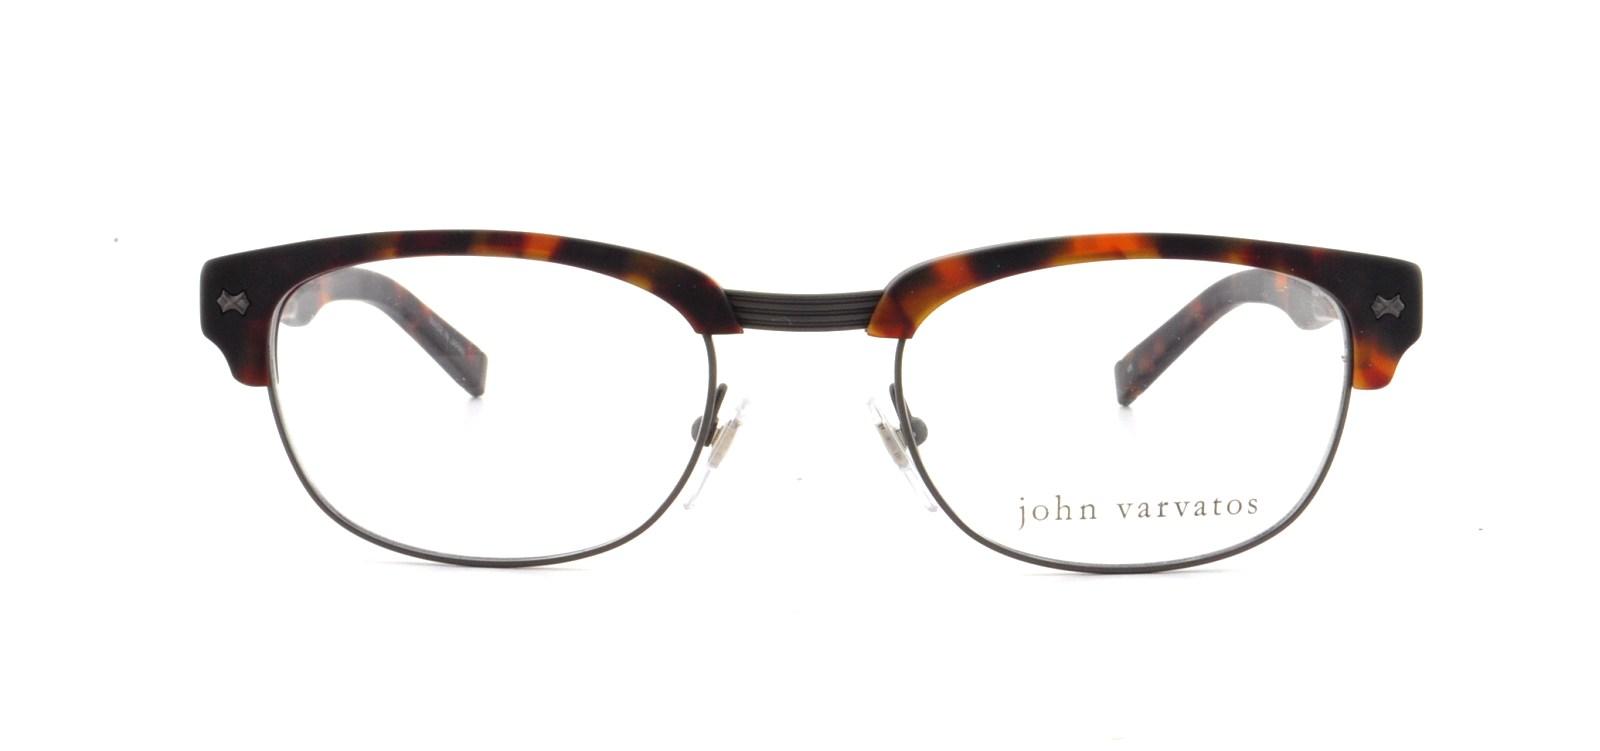 Designer Frames Outlet. John Varvatos V132